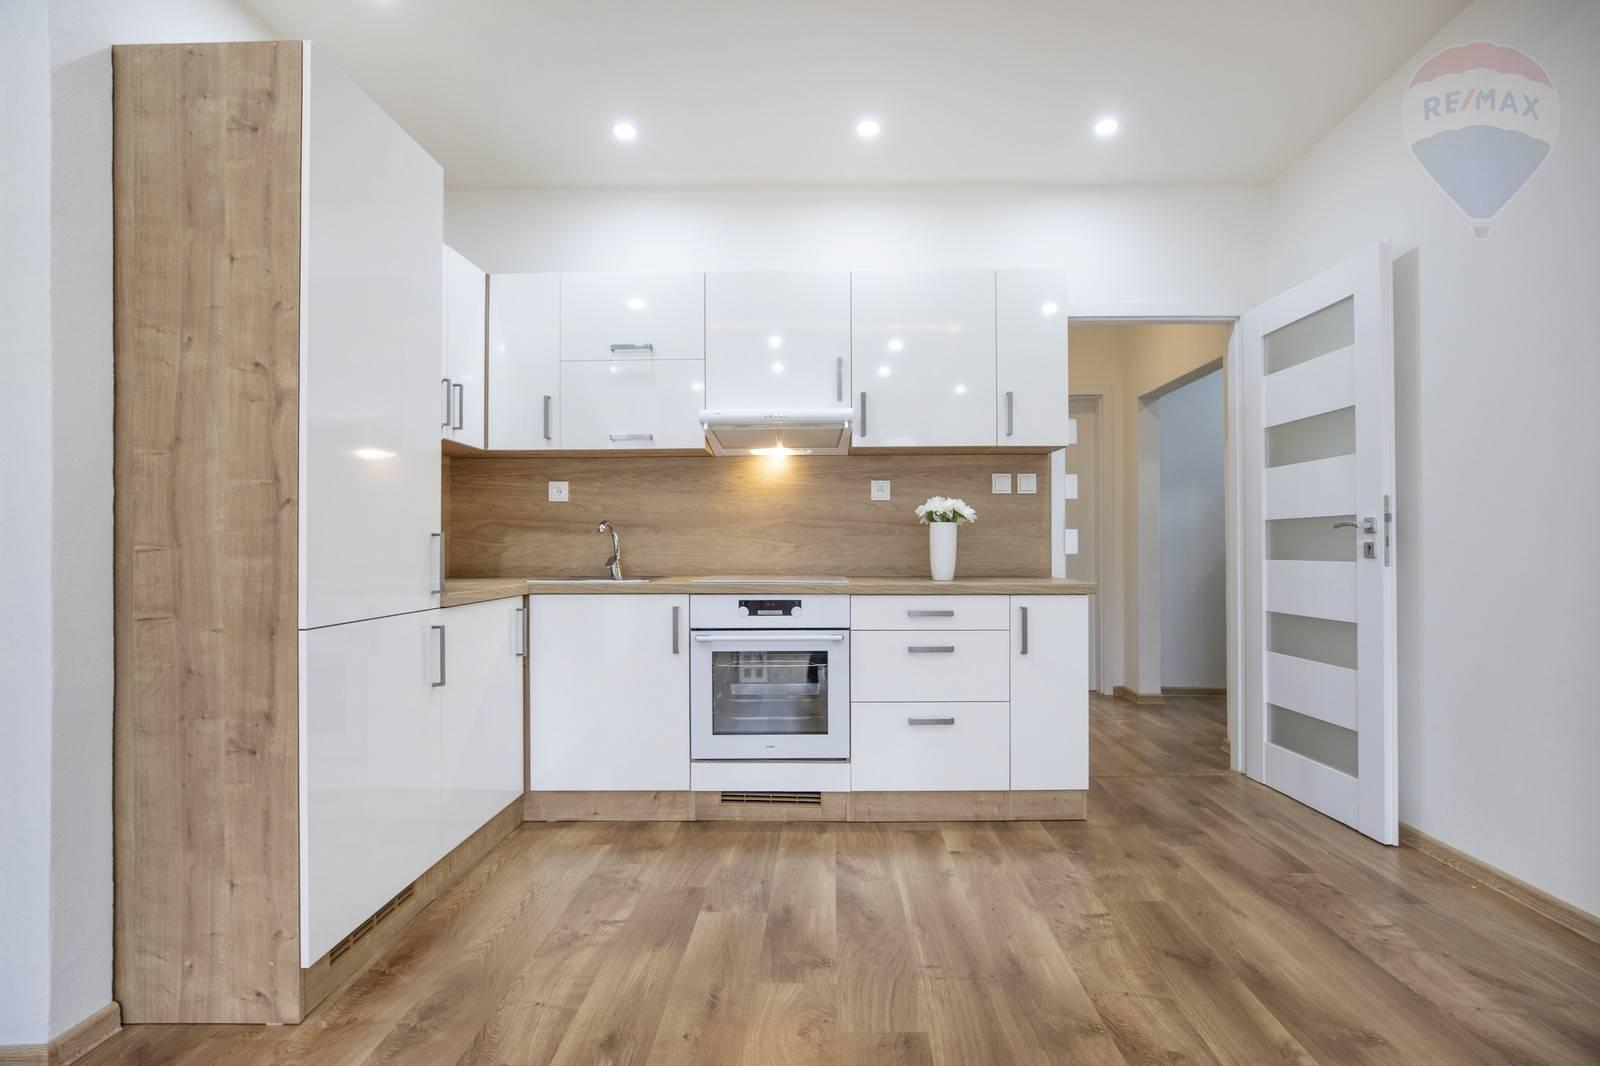 Na prenájom 3-izbový byt na Kukučínovej ulici - Bratislava